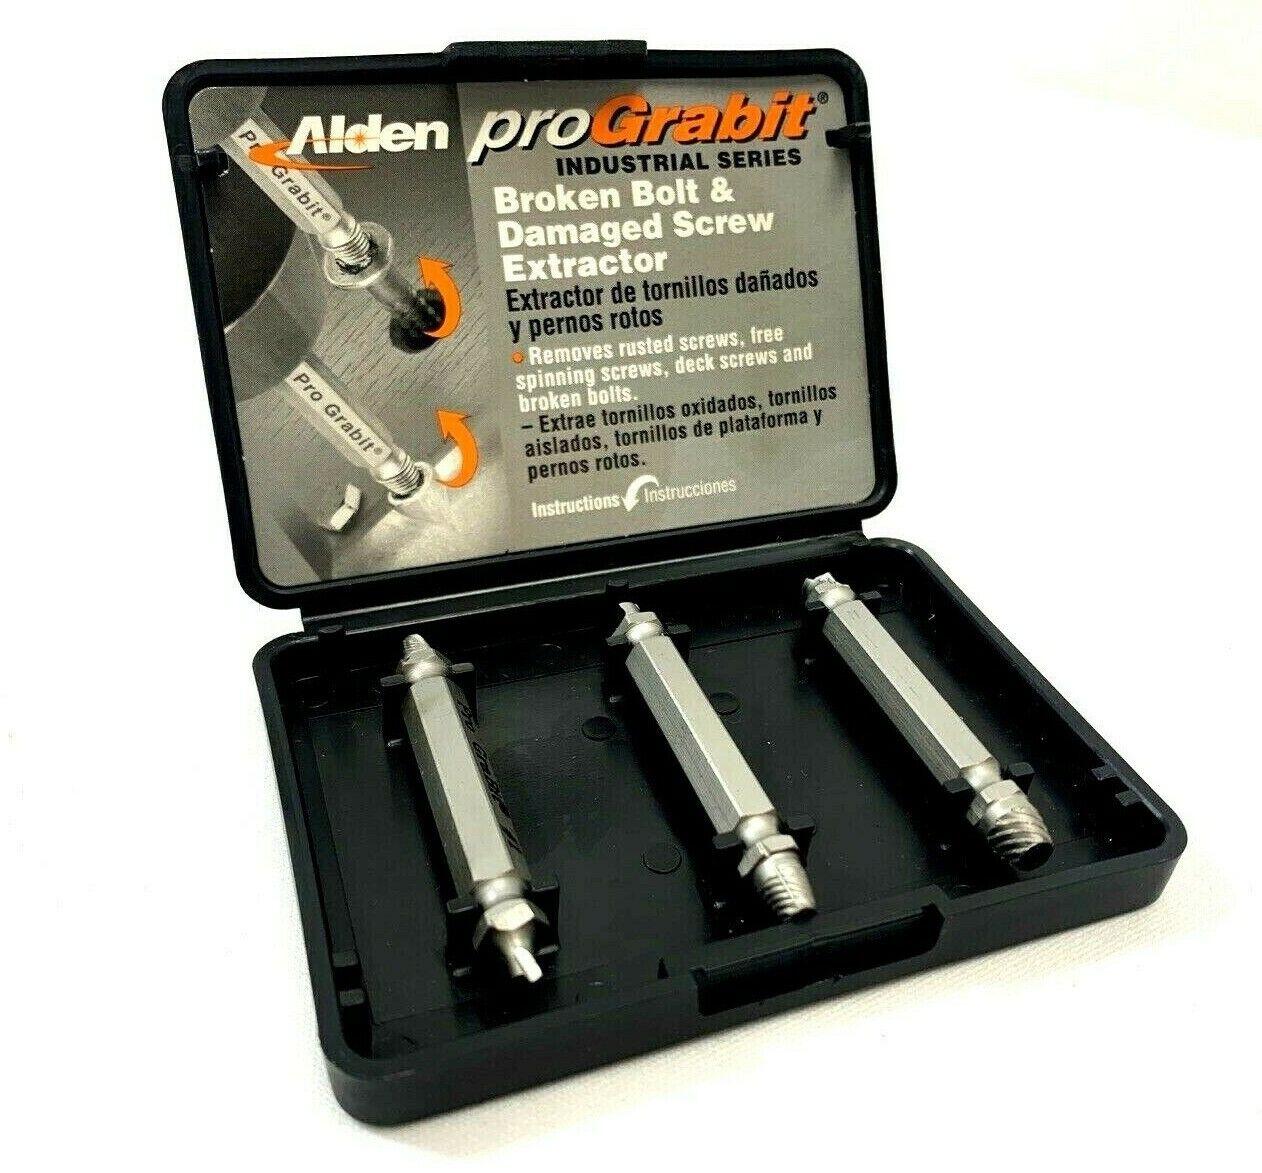 Alden 8430P Pro Grabit Broken Bolt and Damaged Screw Extract